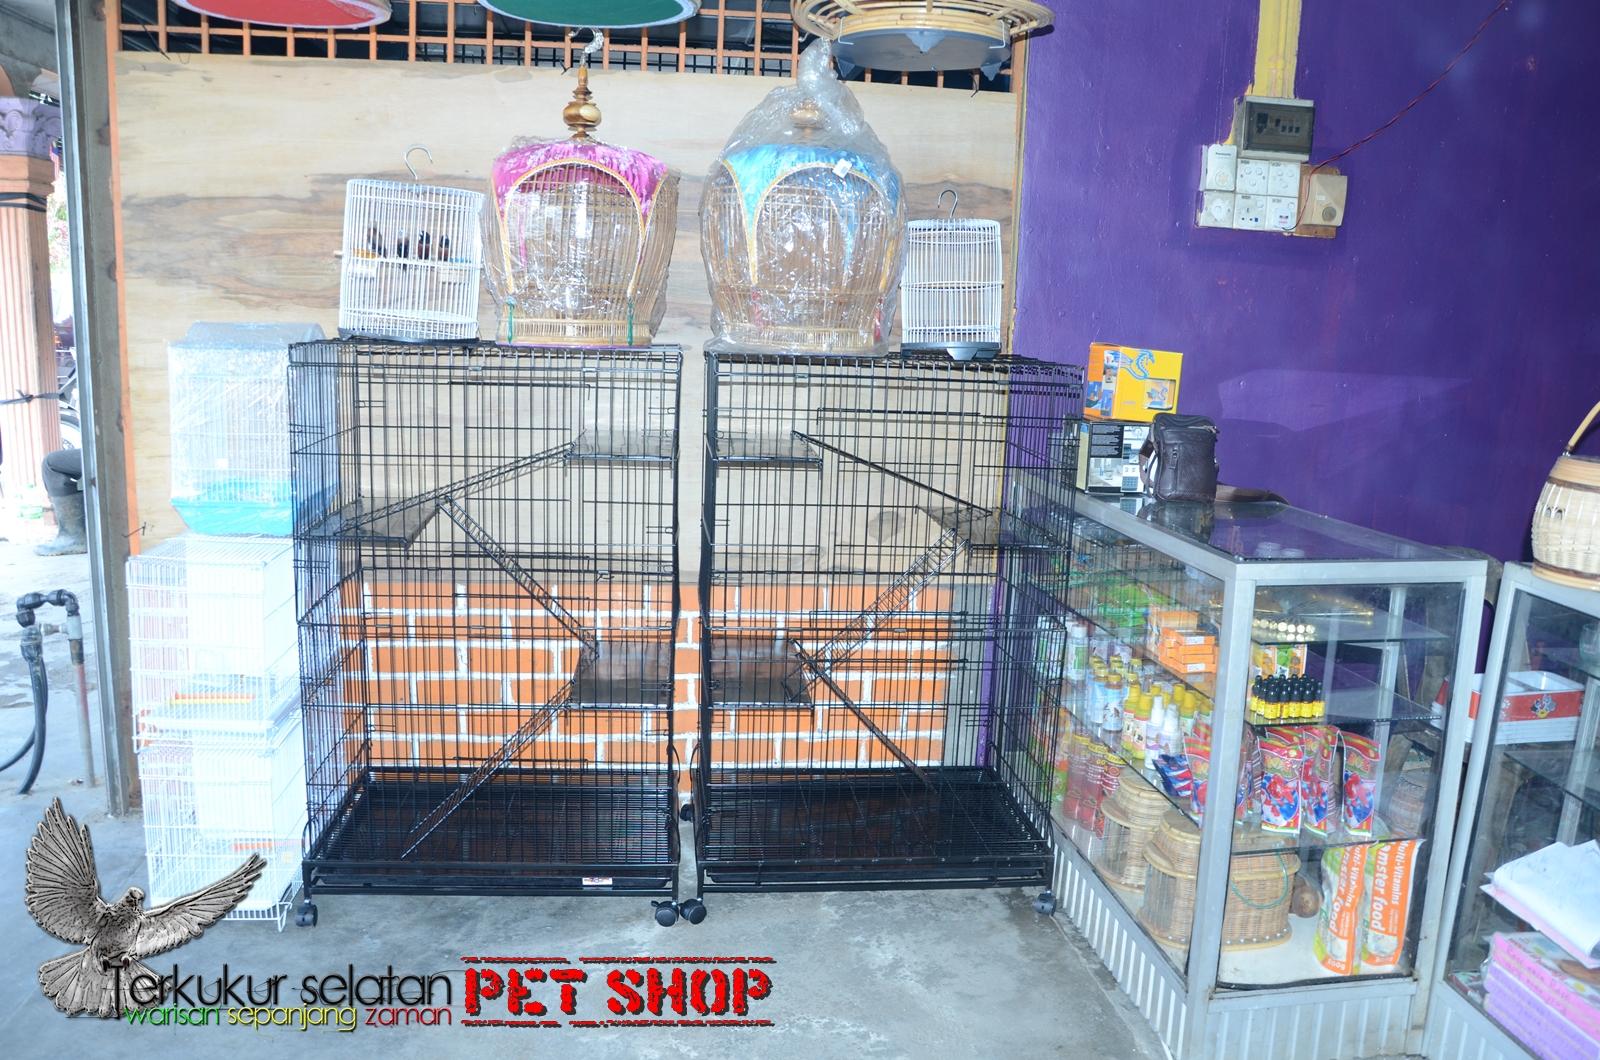 Member Mikat Terkukur Semenchu Terkukur Selatan Pet Shop